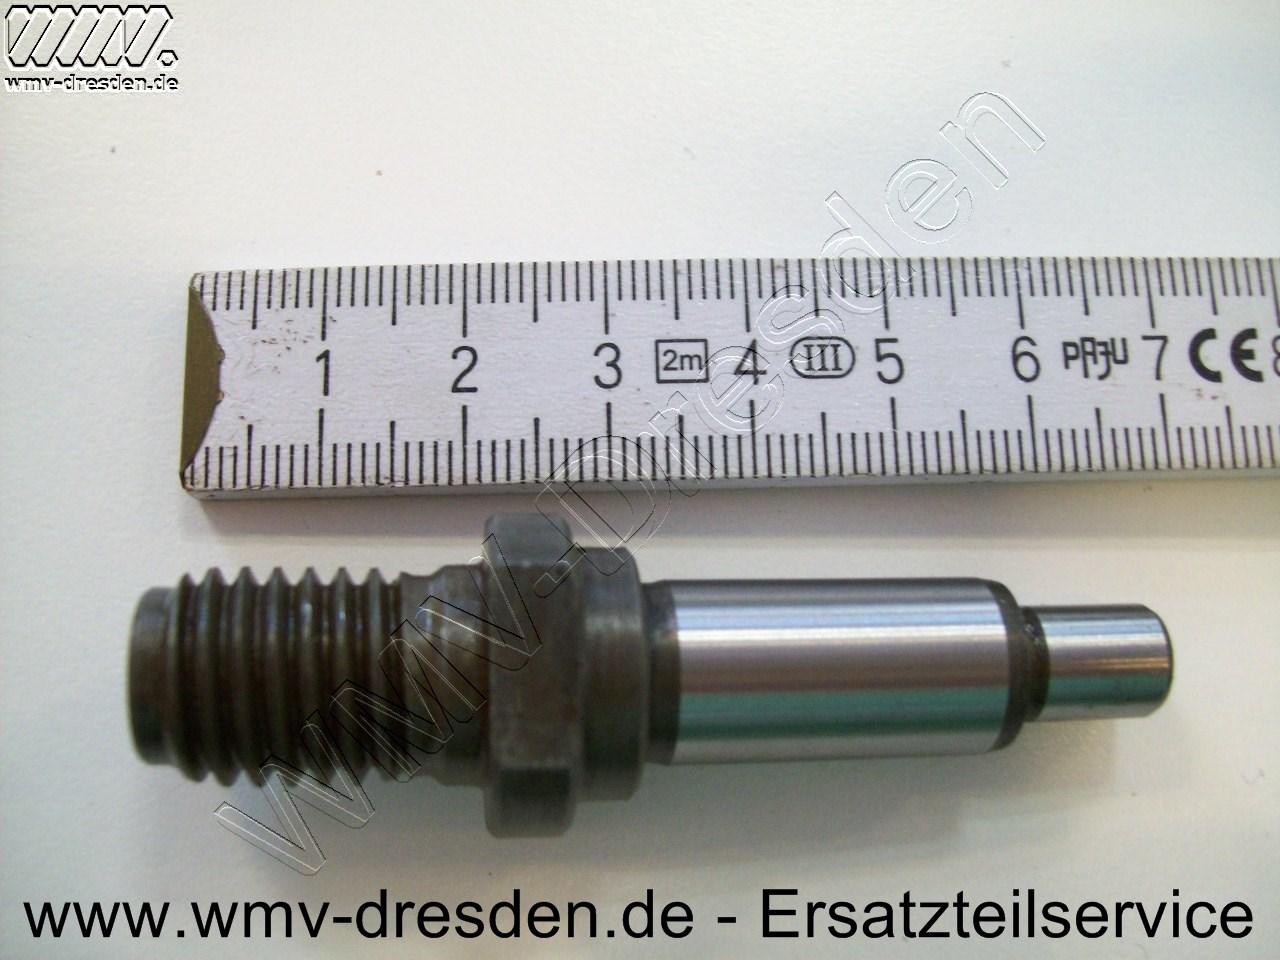 Spindel, Länge 67 mm, Zapfenlänge 11,5 mm, Durchm. 8 mm / Wellenlänge 24,4 mm, Durchm. 12 mm, Gewindeaussendurchm. 13,8 mm